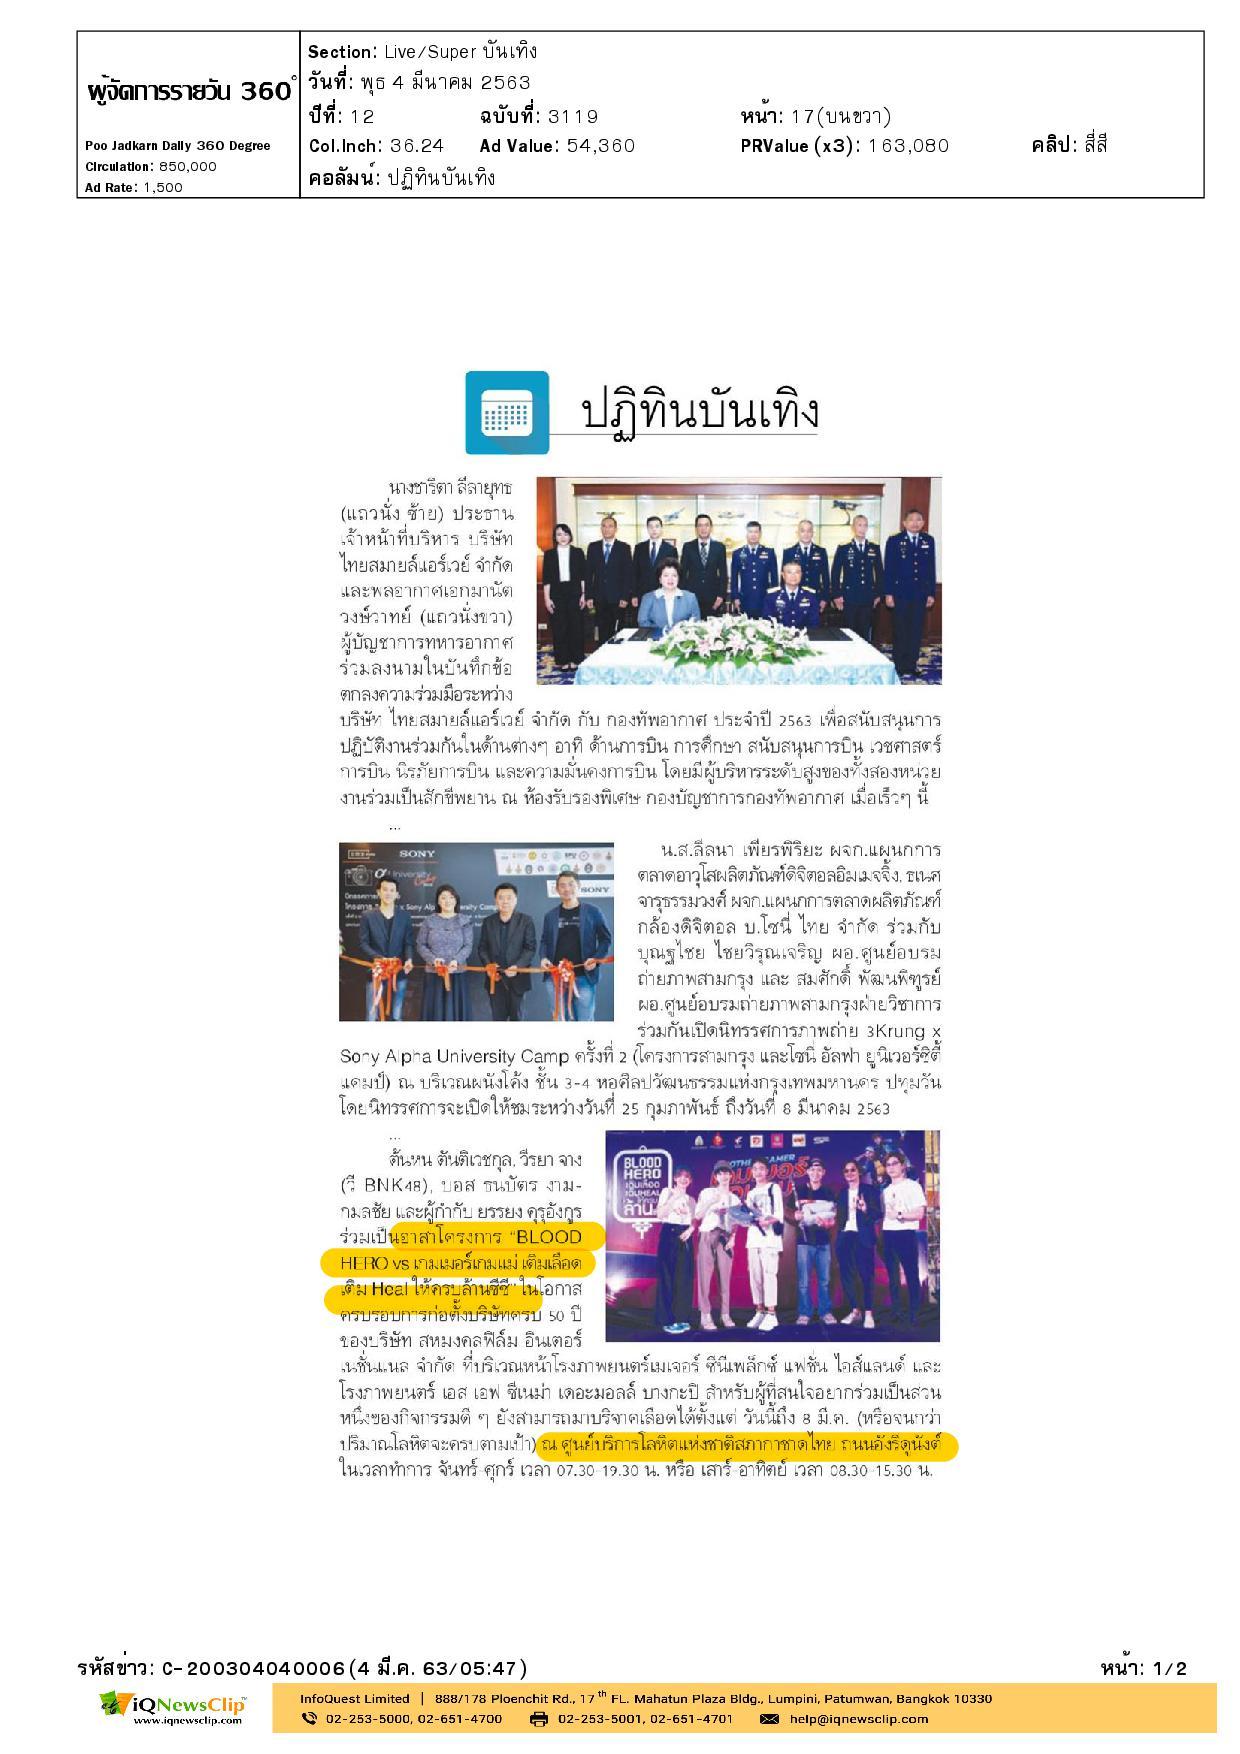 ศูนย์บริการโลหิตแห่งชาติ สภากาชาดไทย